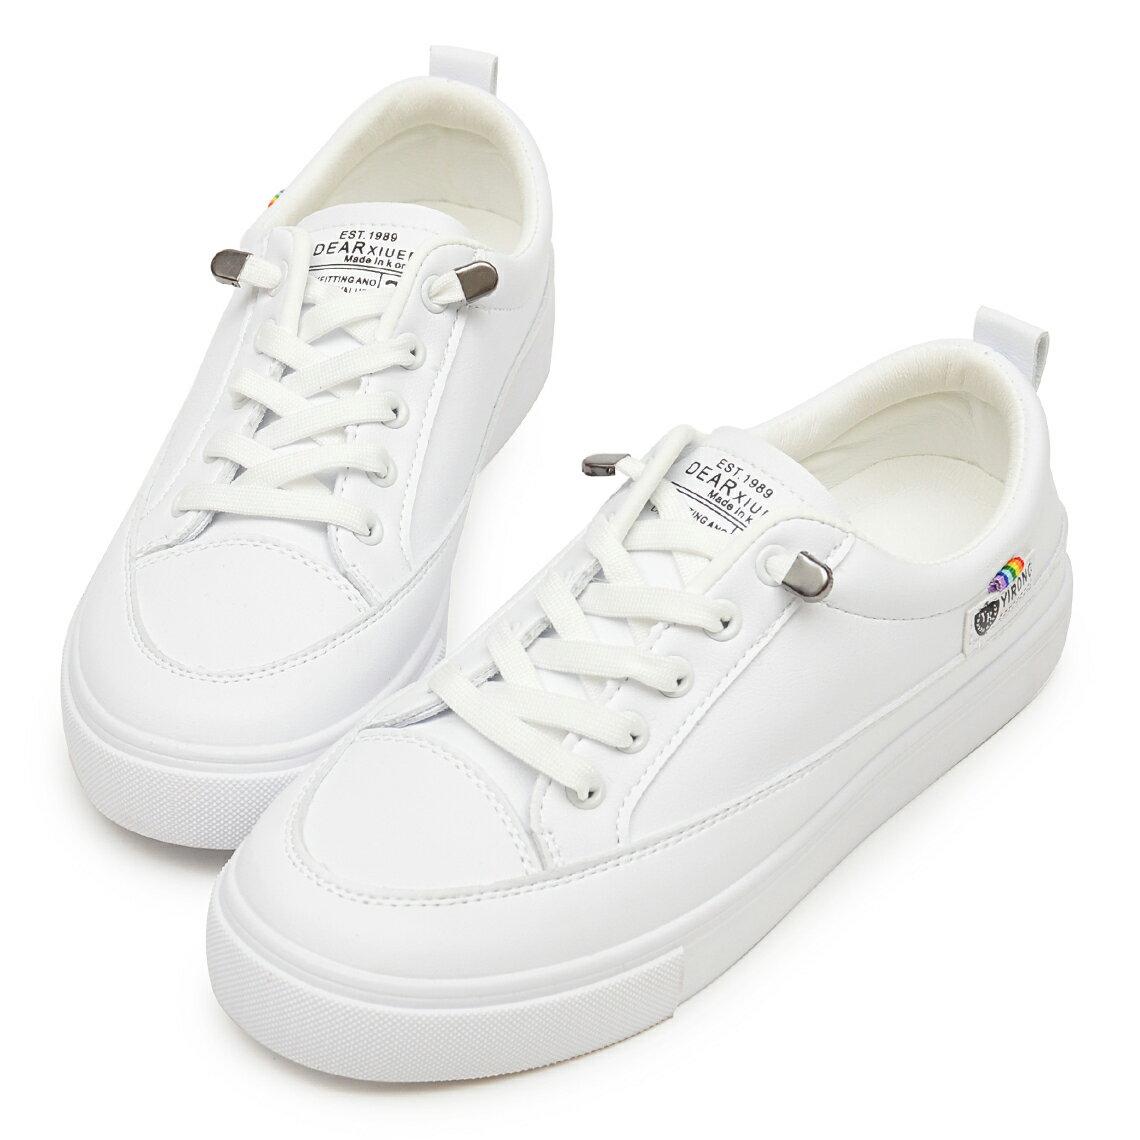 小白鞋 超軟Q免綁帶防磨腳休閒鞋-白